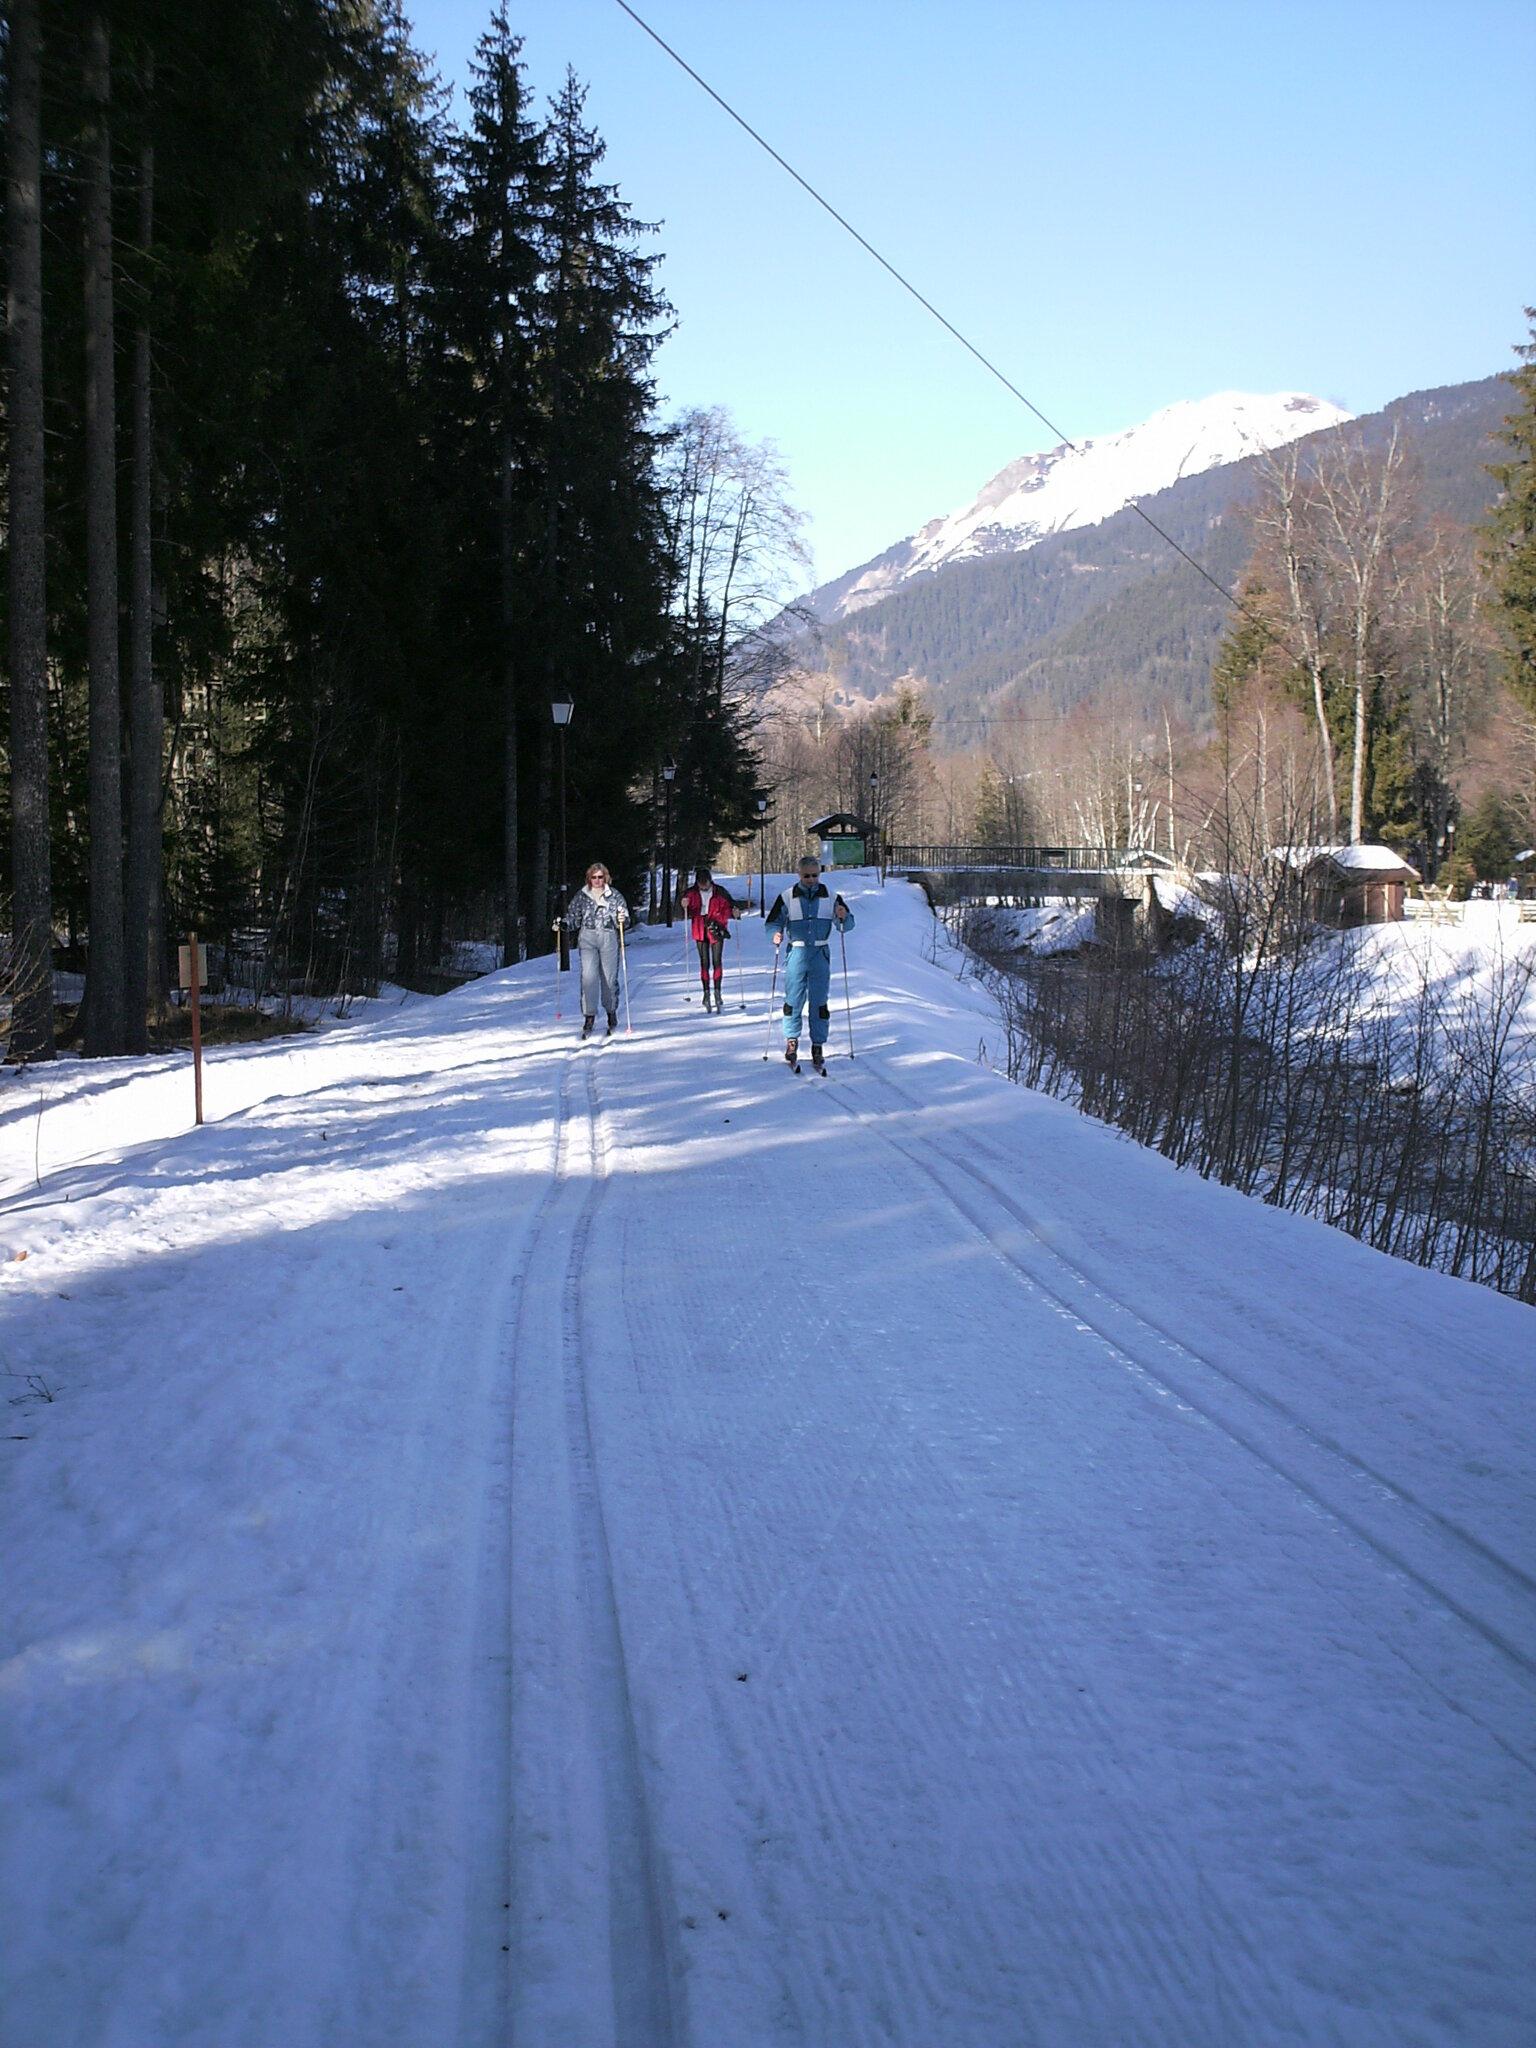 Pistes de ski nordique